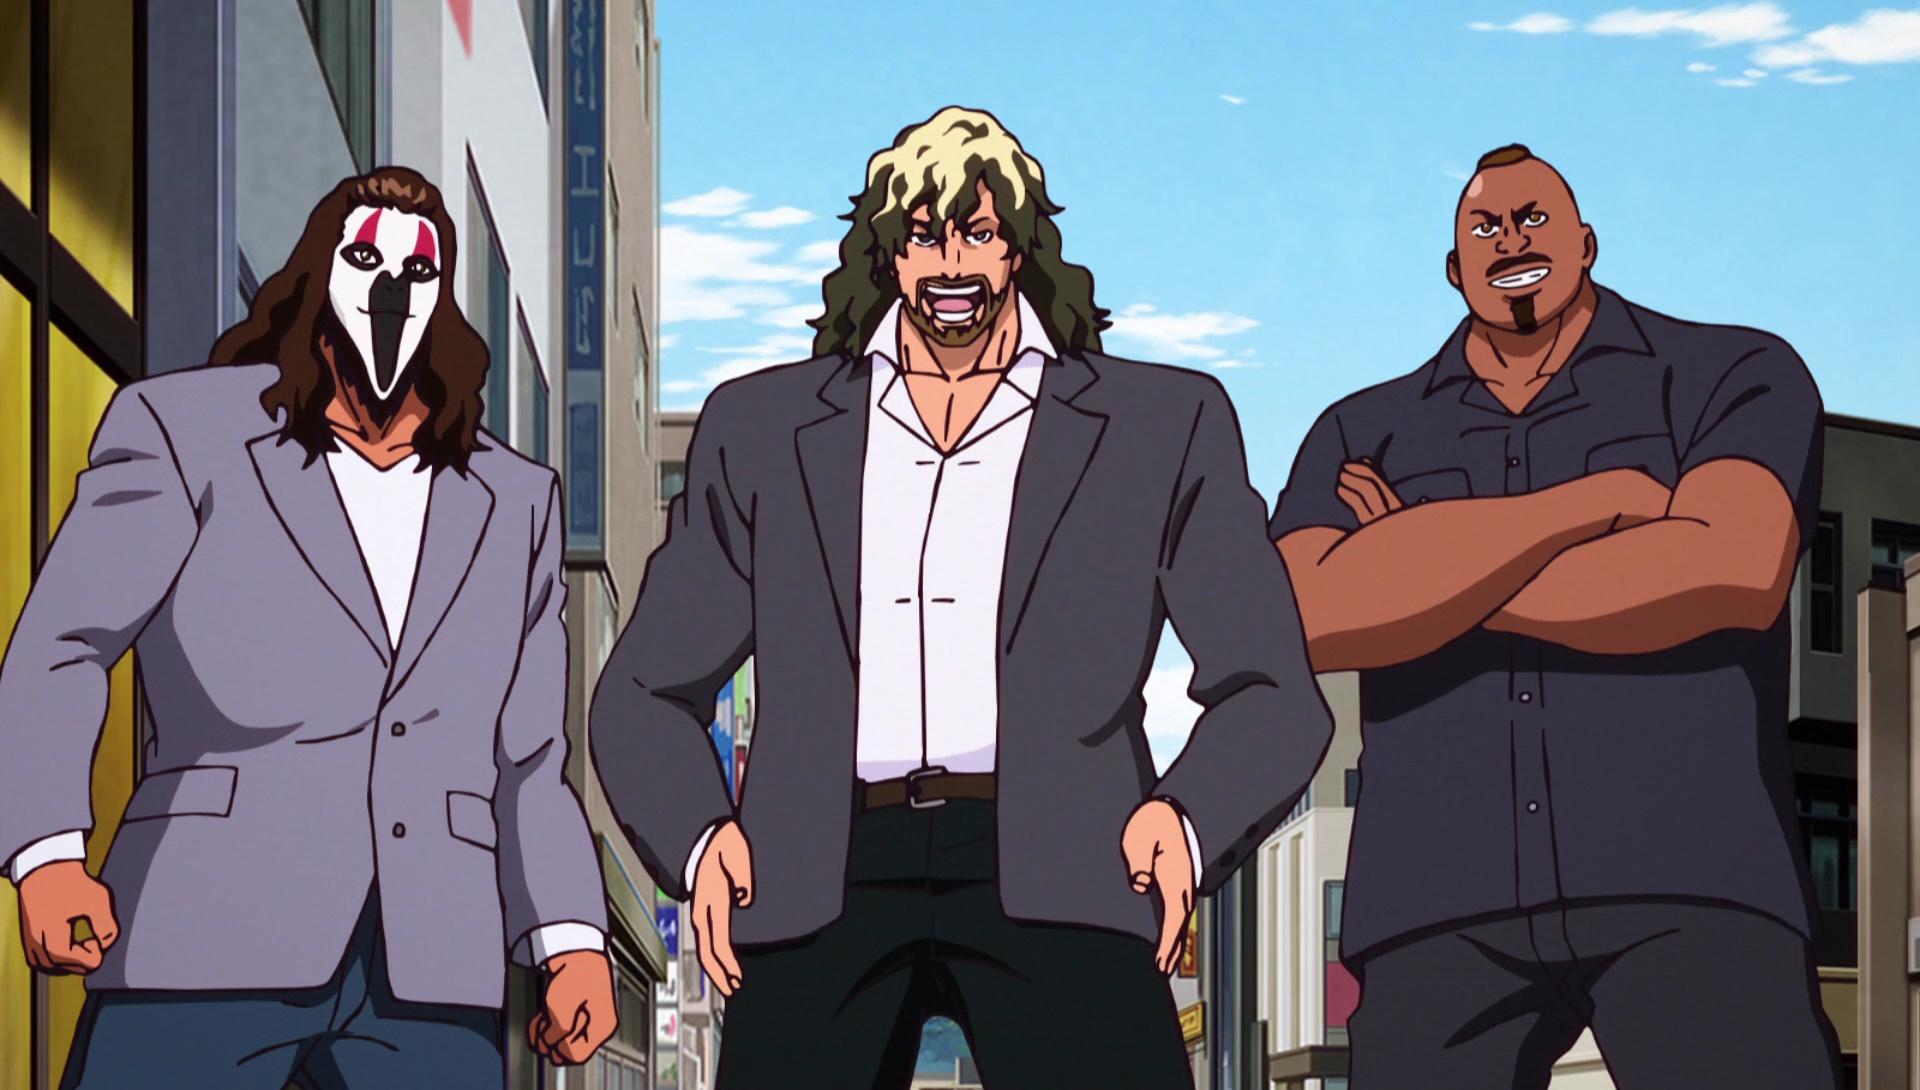 personaggi anime grossi con barba su sedia a rotelle